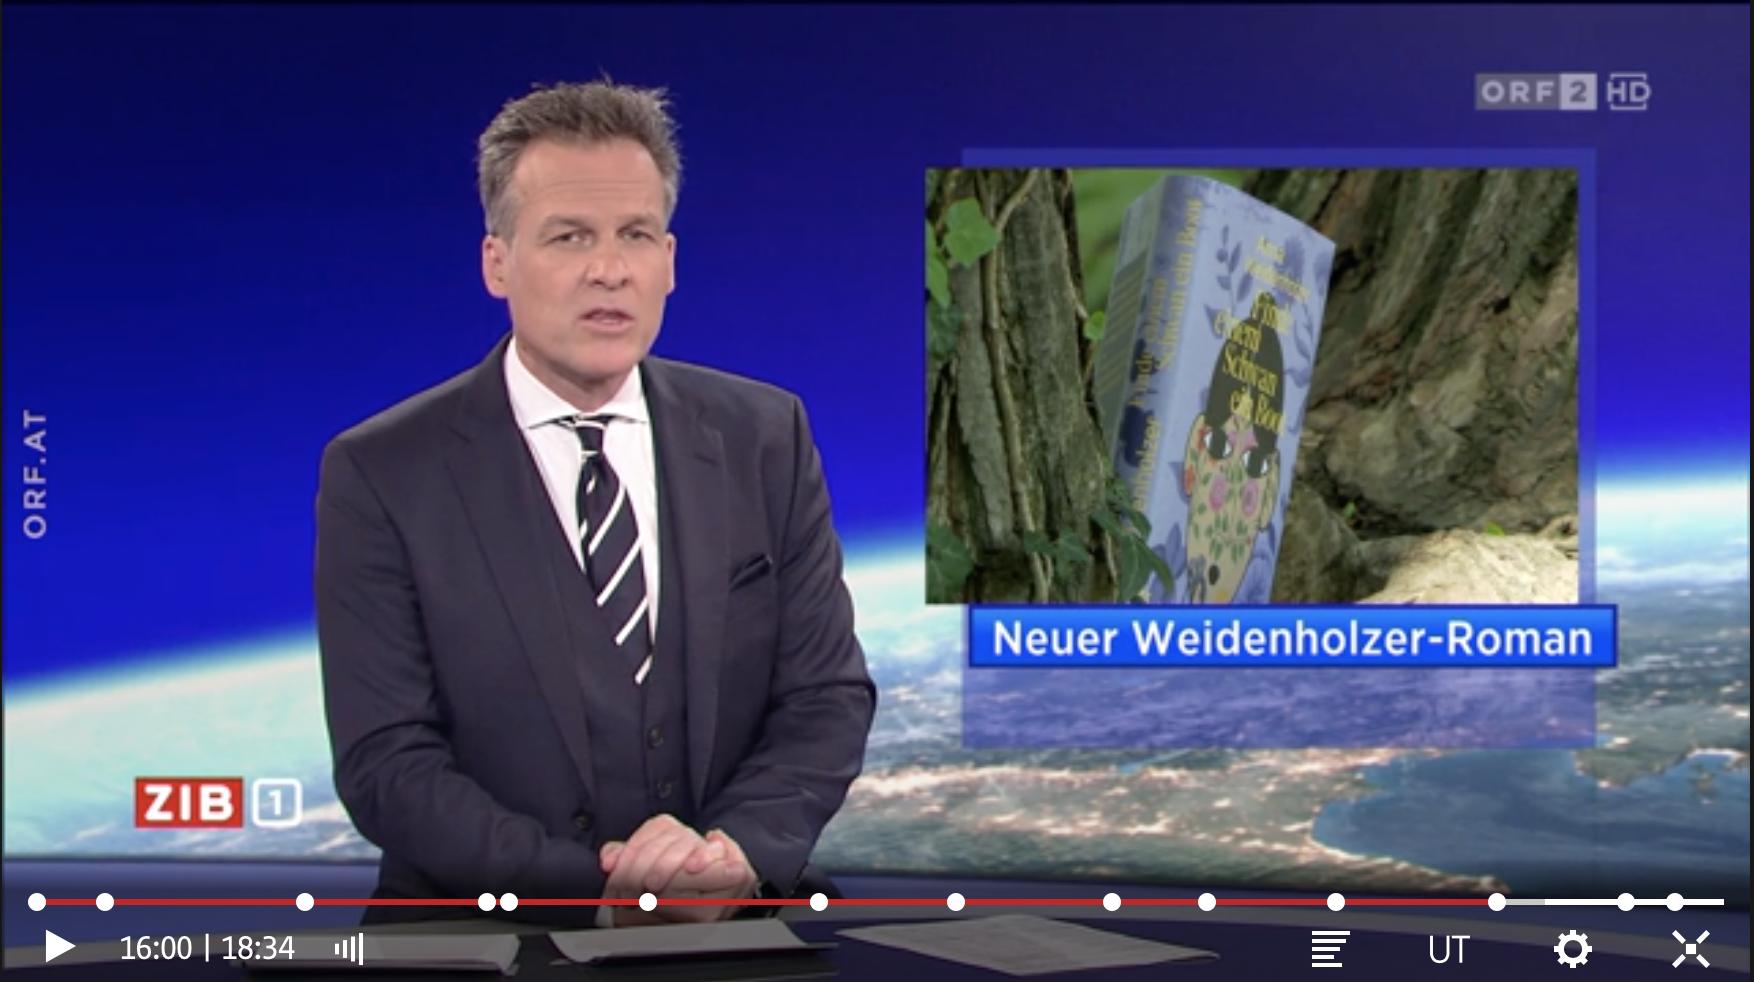 Anna Weidenholzer Zeit im Bild 1 ORF 2